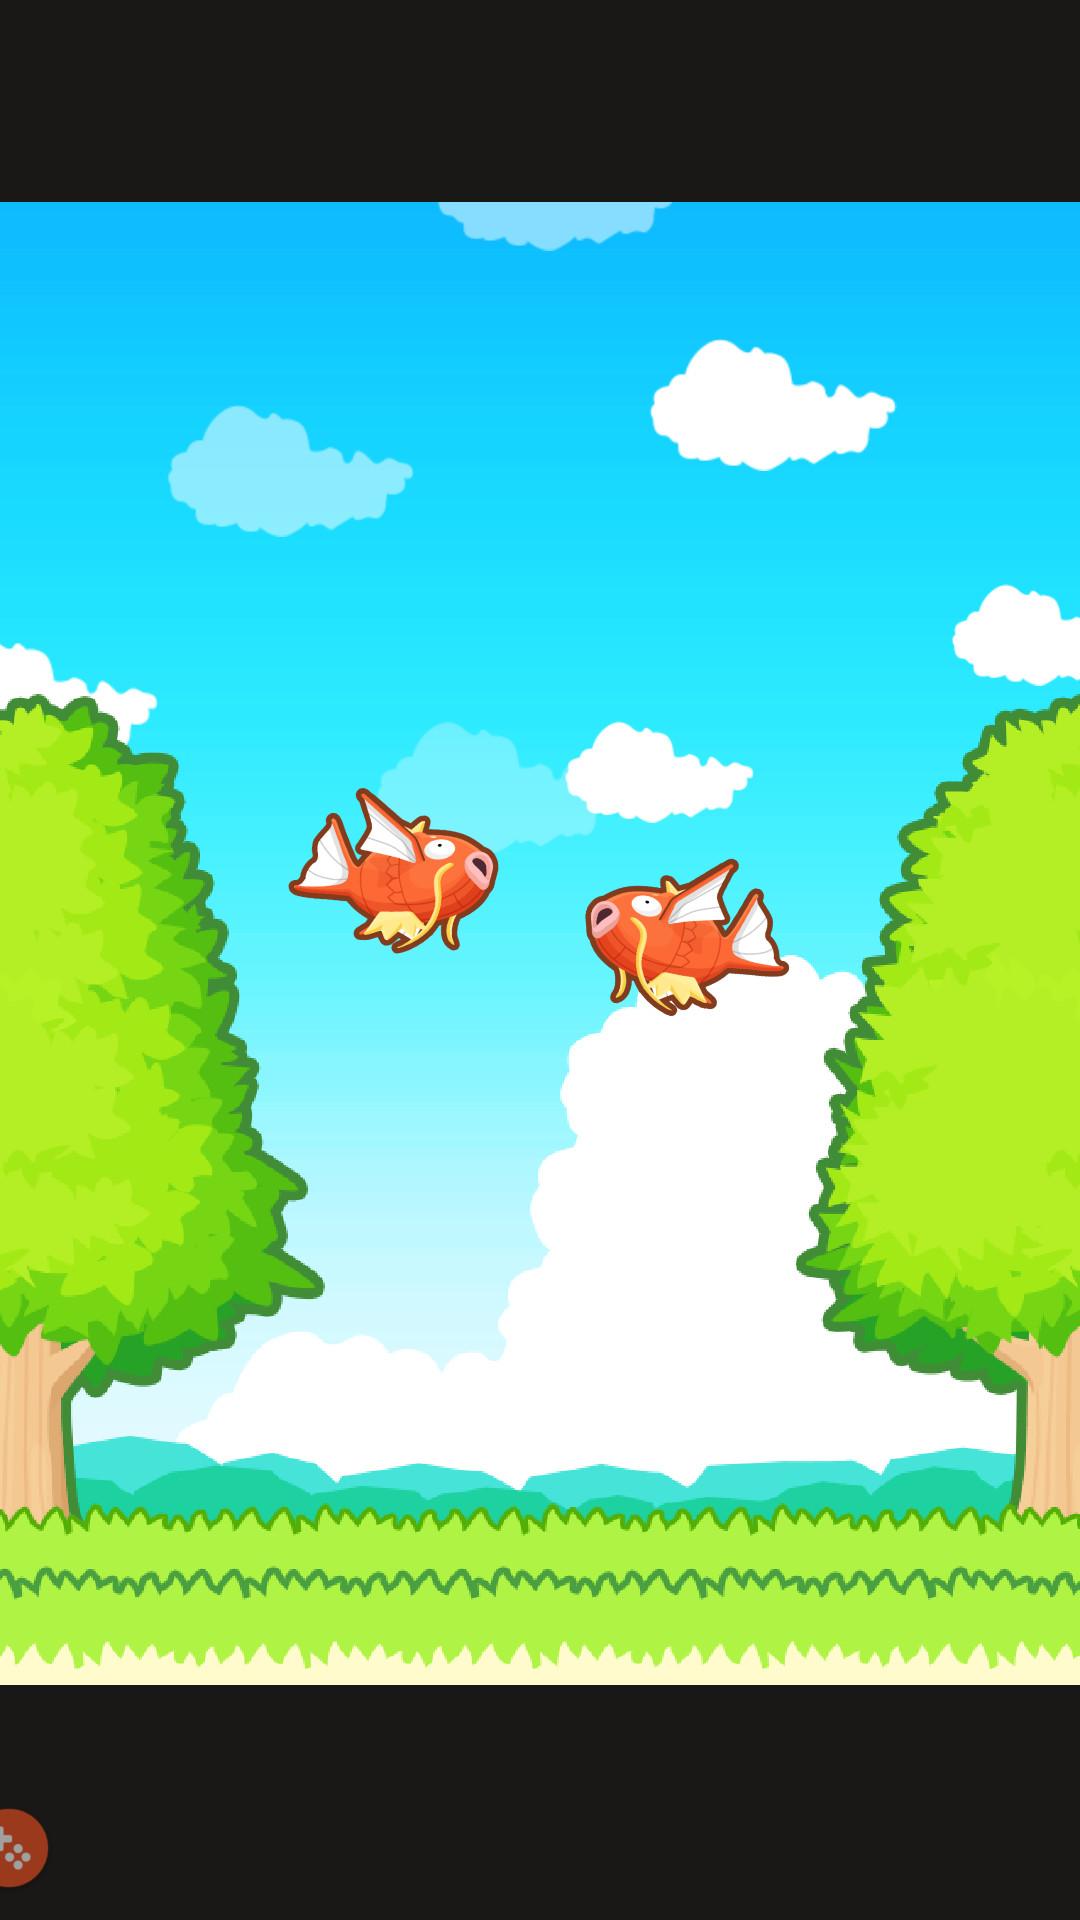 magikarp jump contest